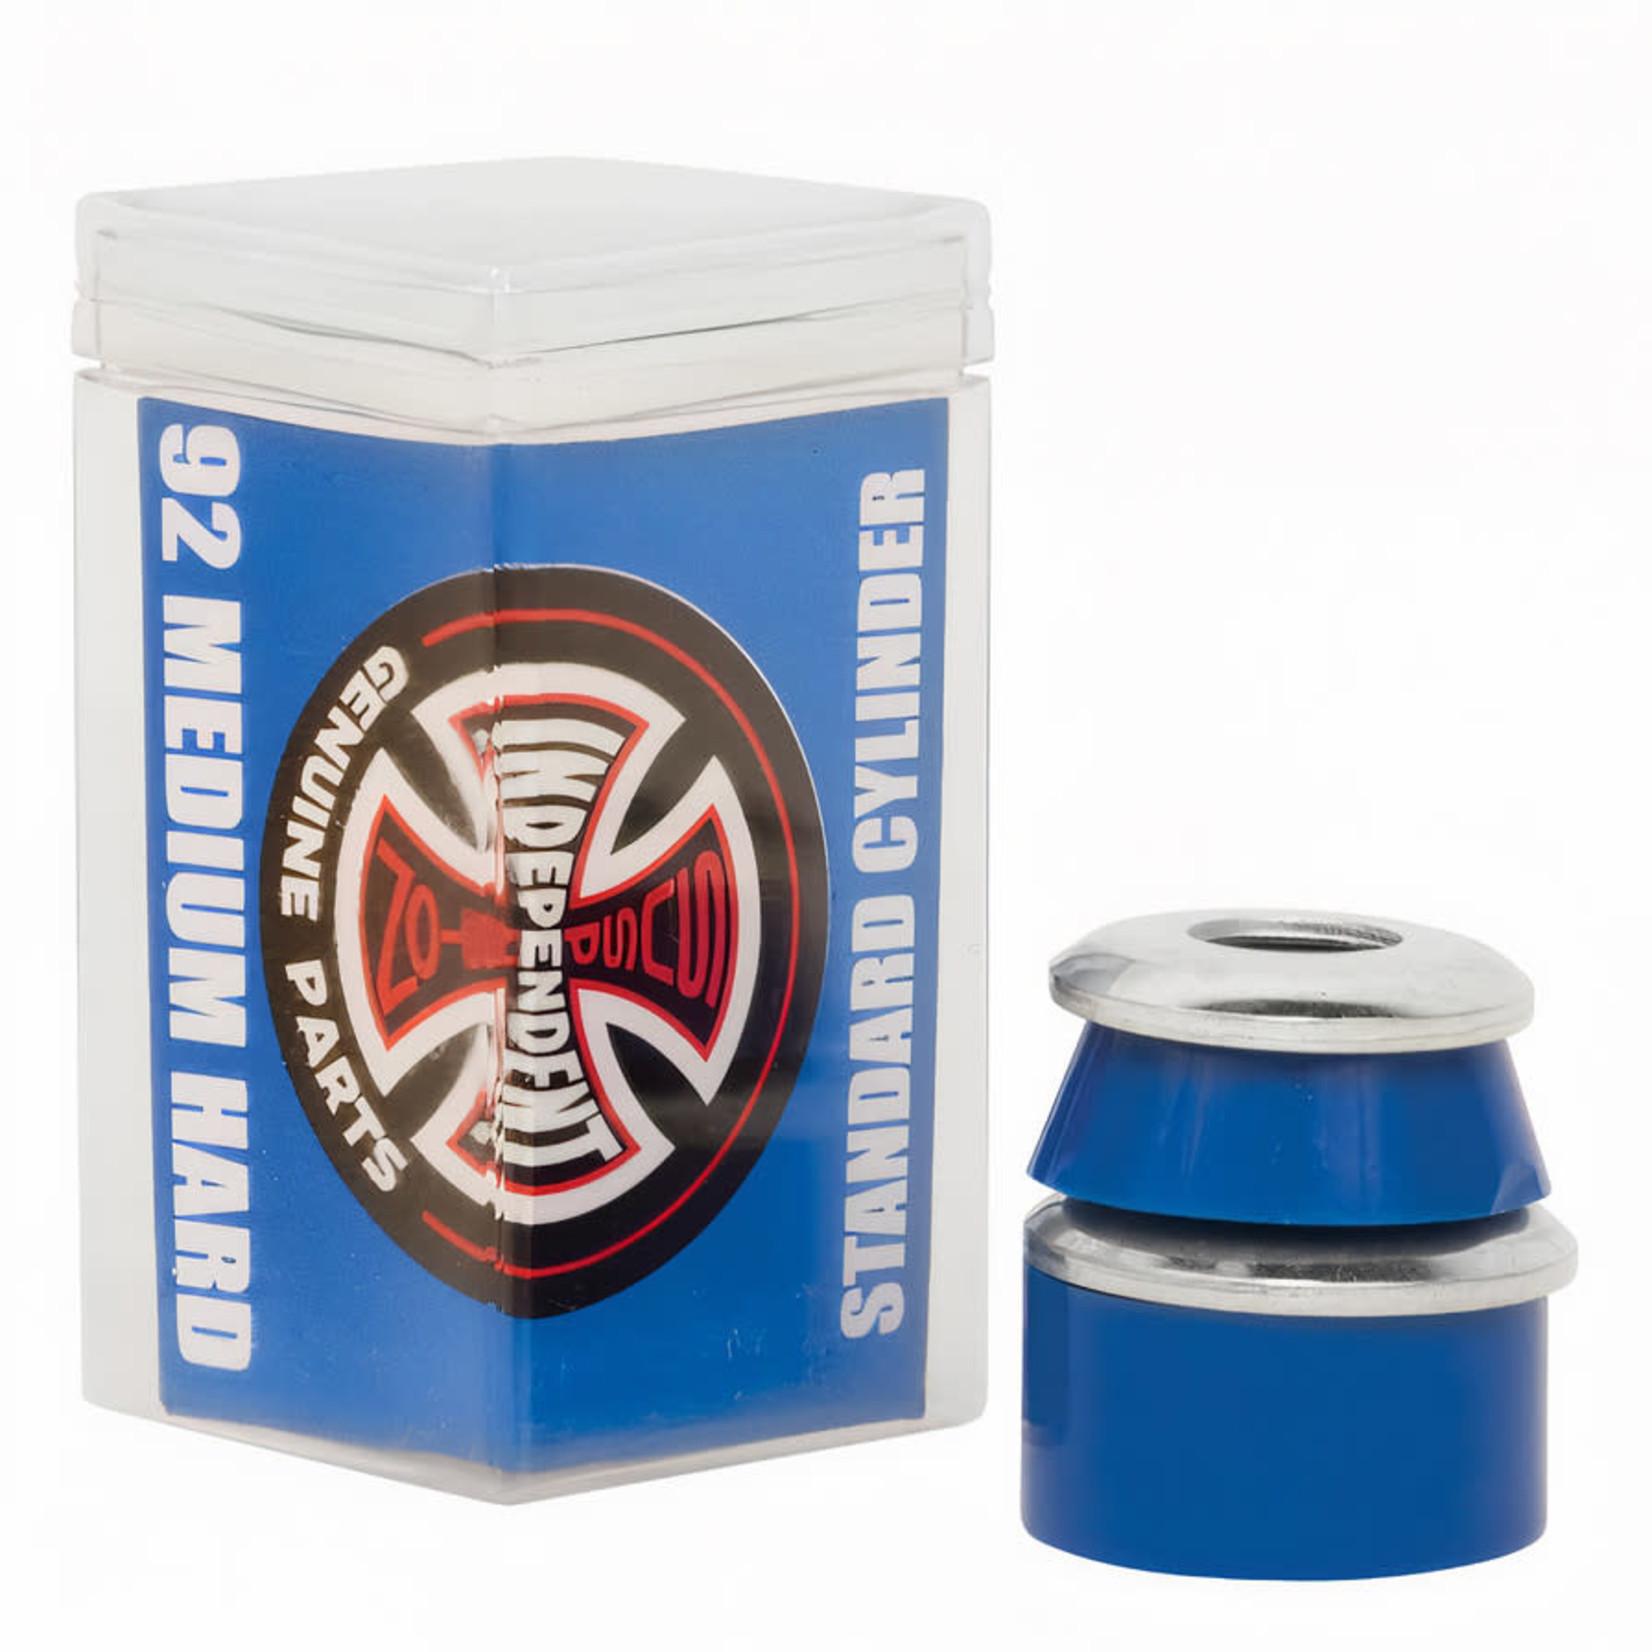 Independent Independent - Standard Cylinder Bushings - Medium Hard Blue 92